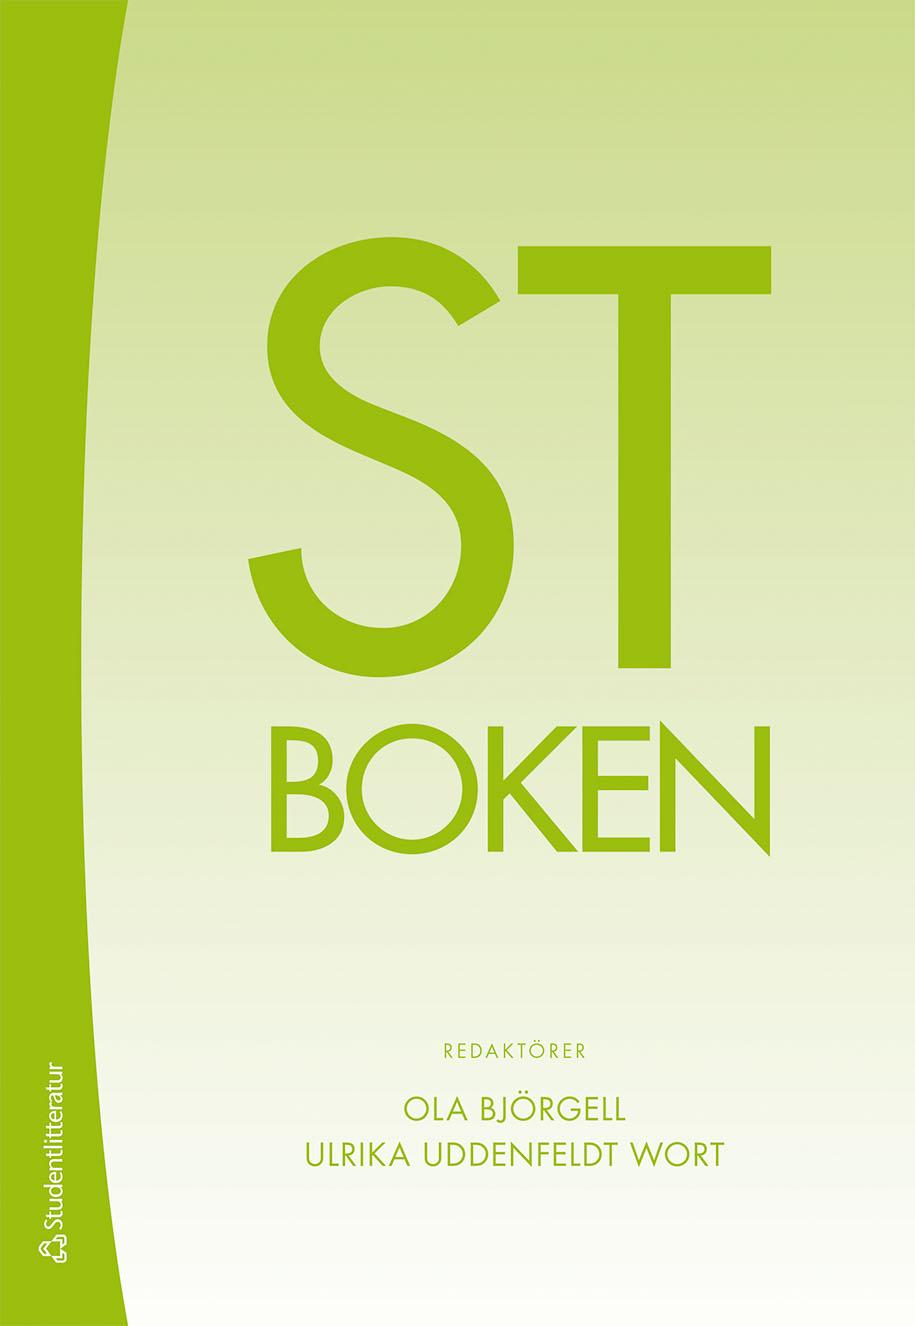 Recension: Nyttig handbok för ST-läkare